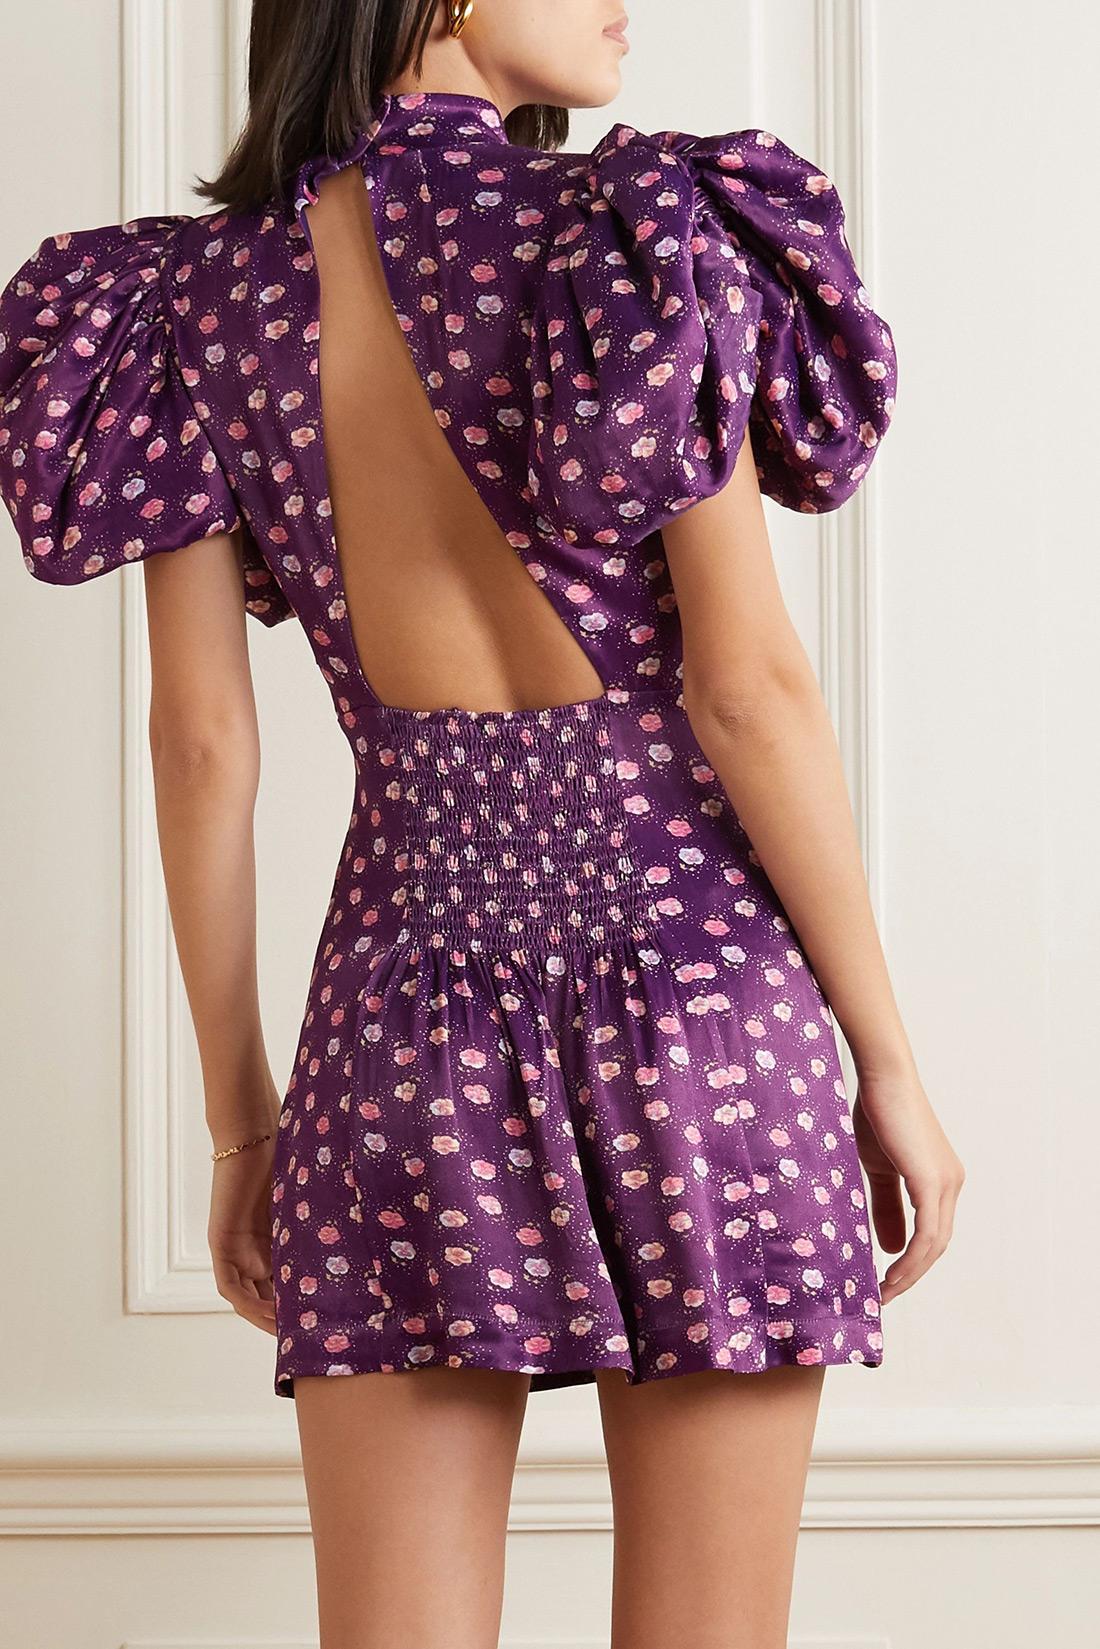 najbolje haljine otvorena gola leđa moda ljeto 2020 zagreb Ljubičasta Rotate Birger Christensen haljina